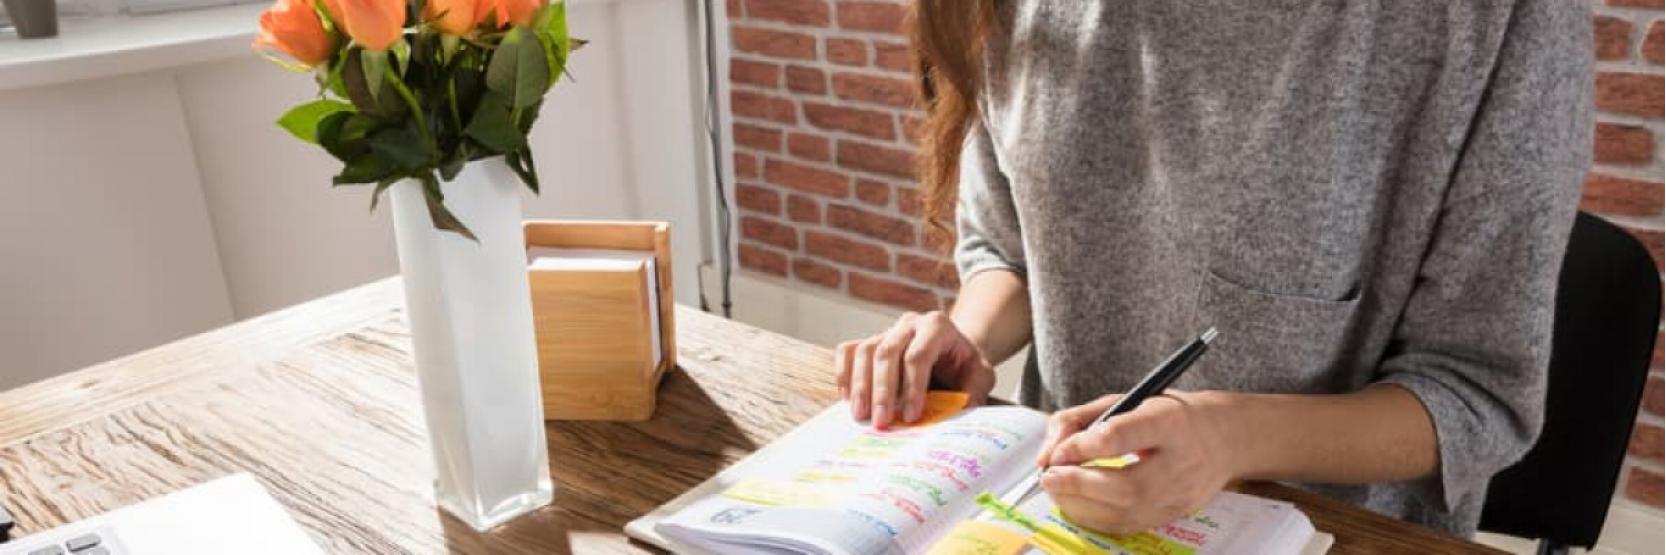 كيف تحقق الموازنة بين عملك ودراستك ؟